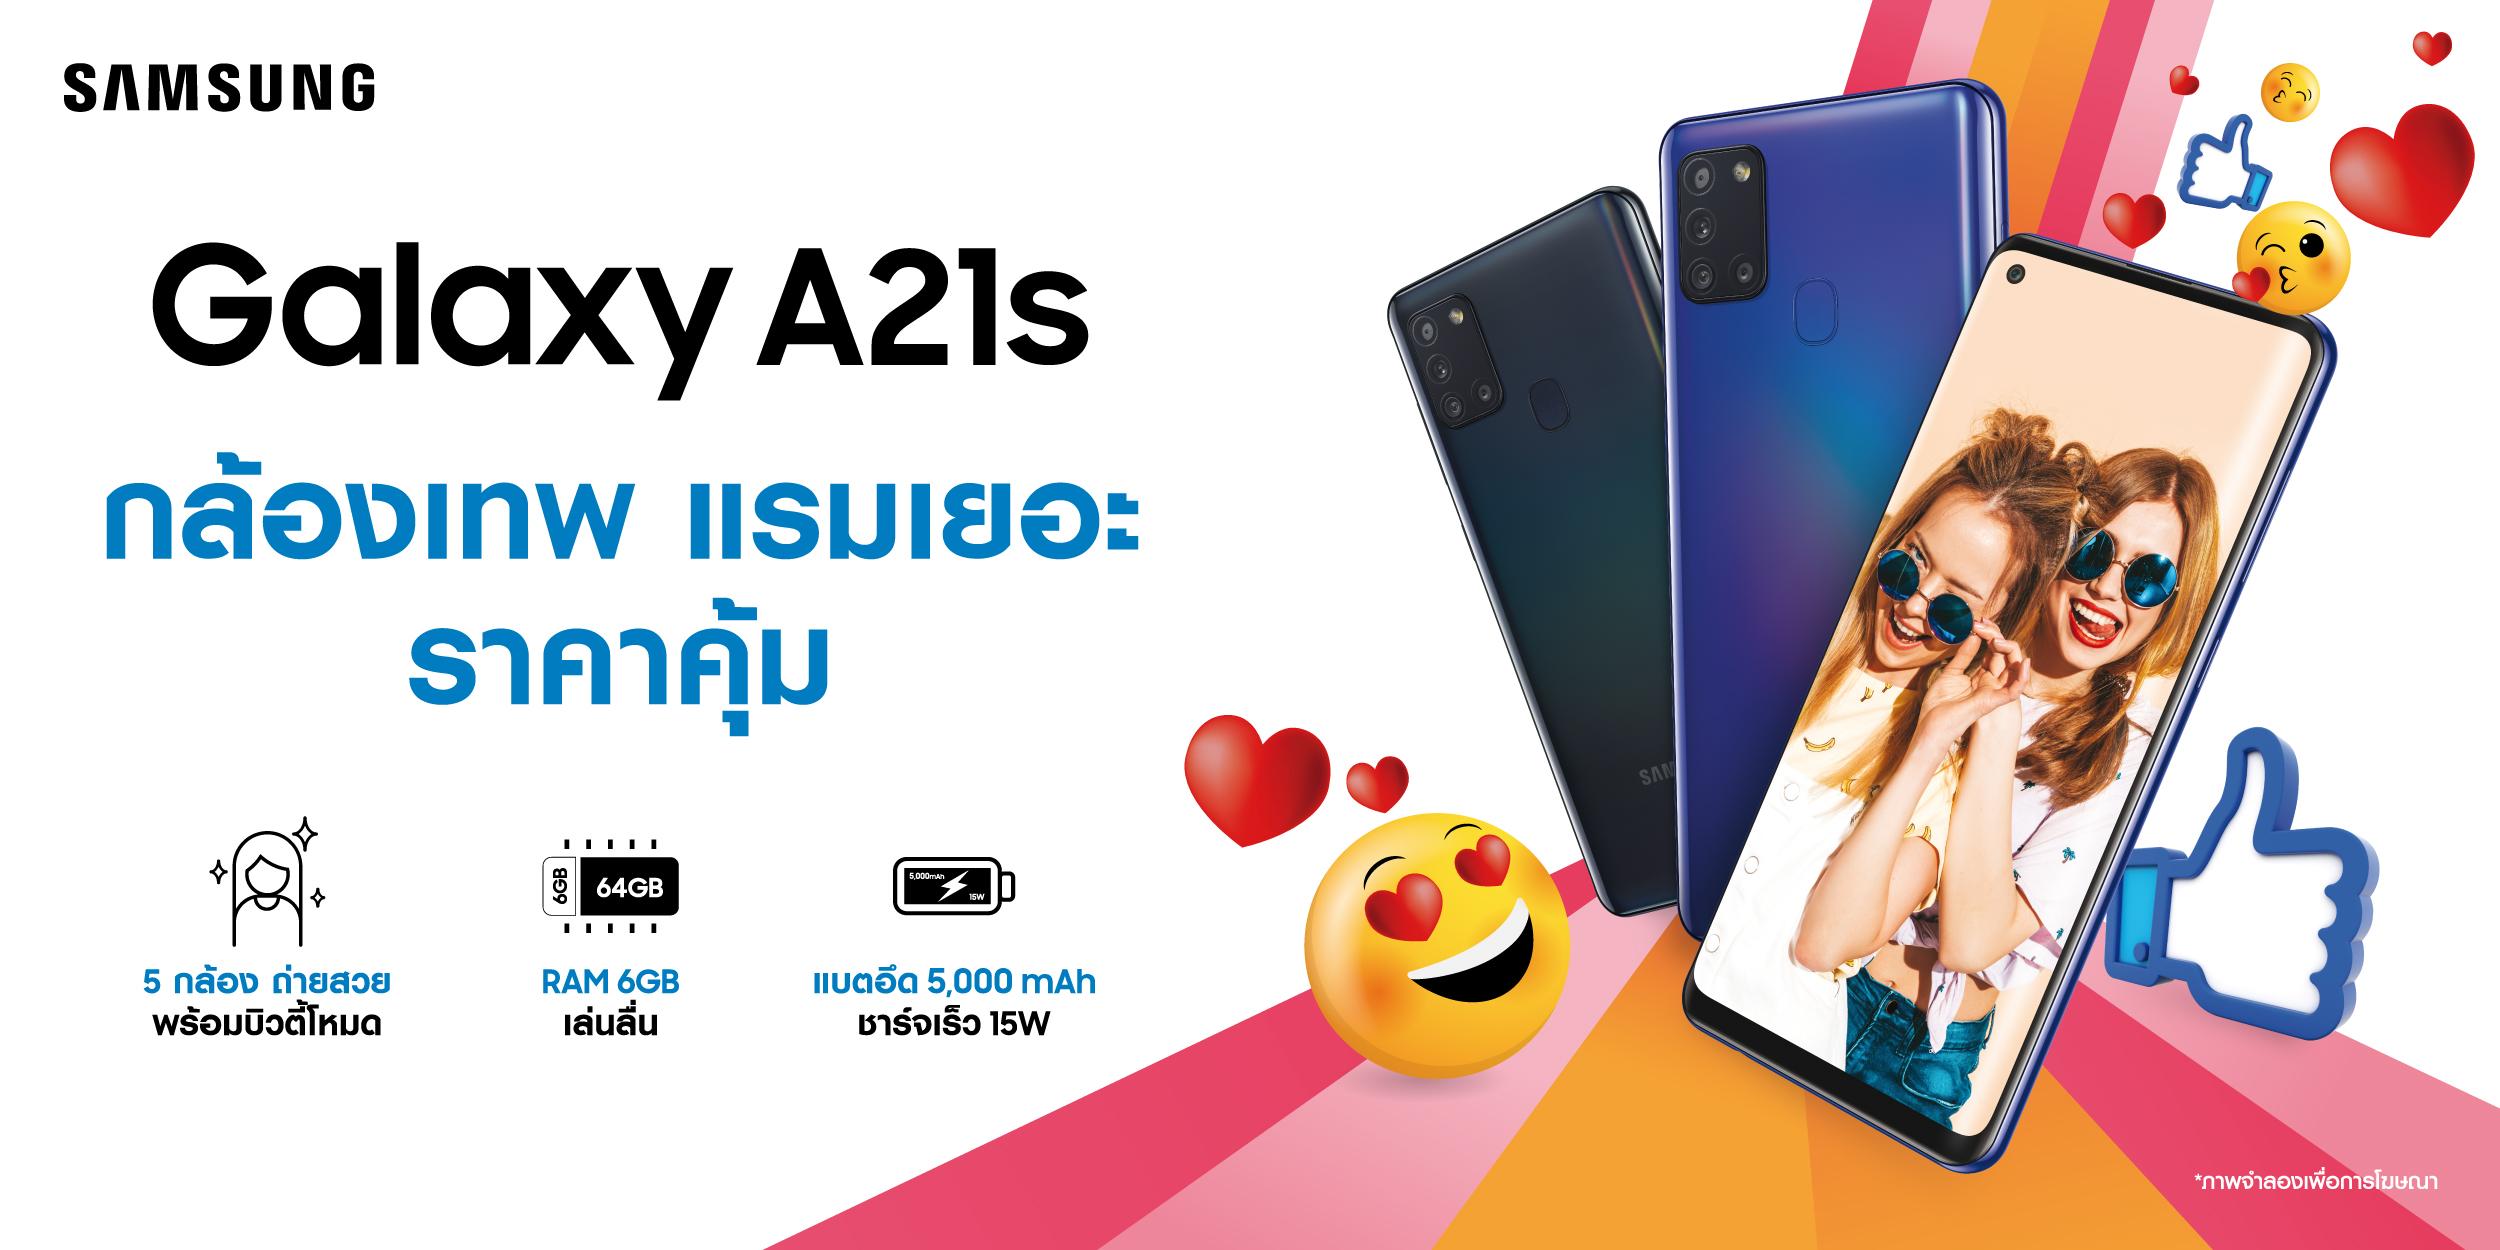 Samsung Galaxy A21s สมาร์ทโฟนกล้องเทพสุดป๊อบสำหรับสายโซเชียล ท่องเน็ตไม่สะดุด ในราคาสุดคุ้ม